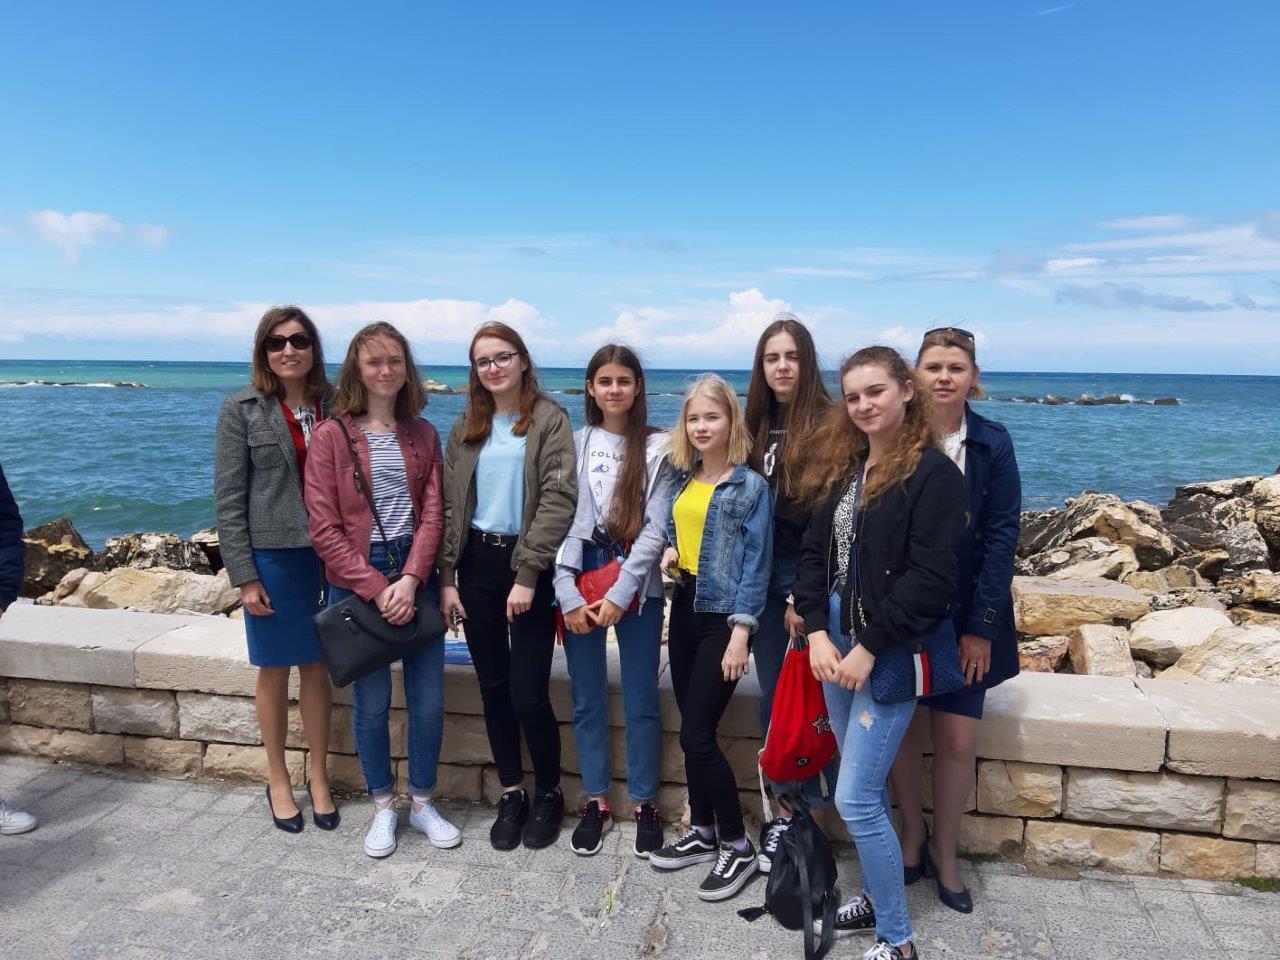 Uczniowie ze szkoły w Dzikowcu pojechali na wycieczkę do Włoch - Zdjęcie główne